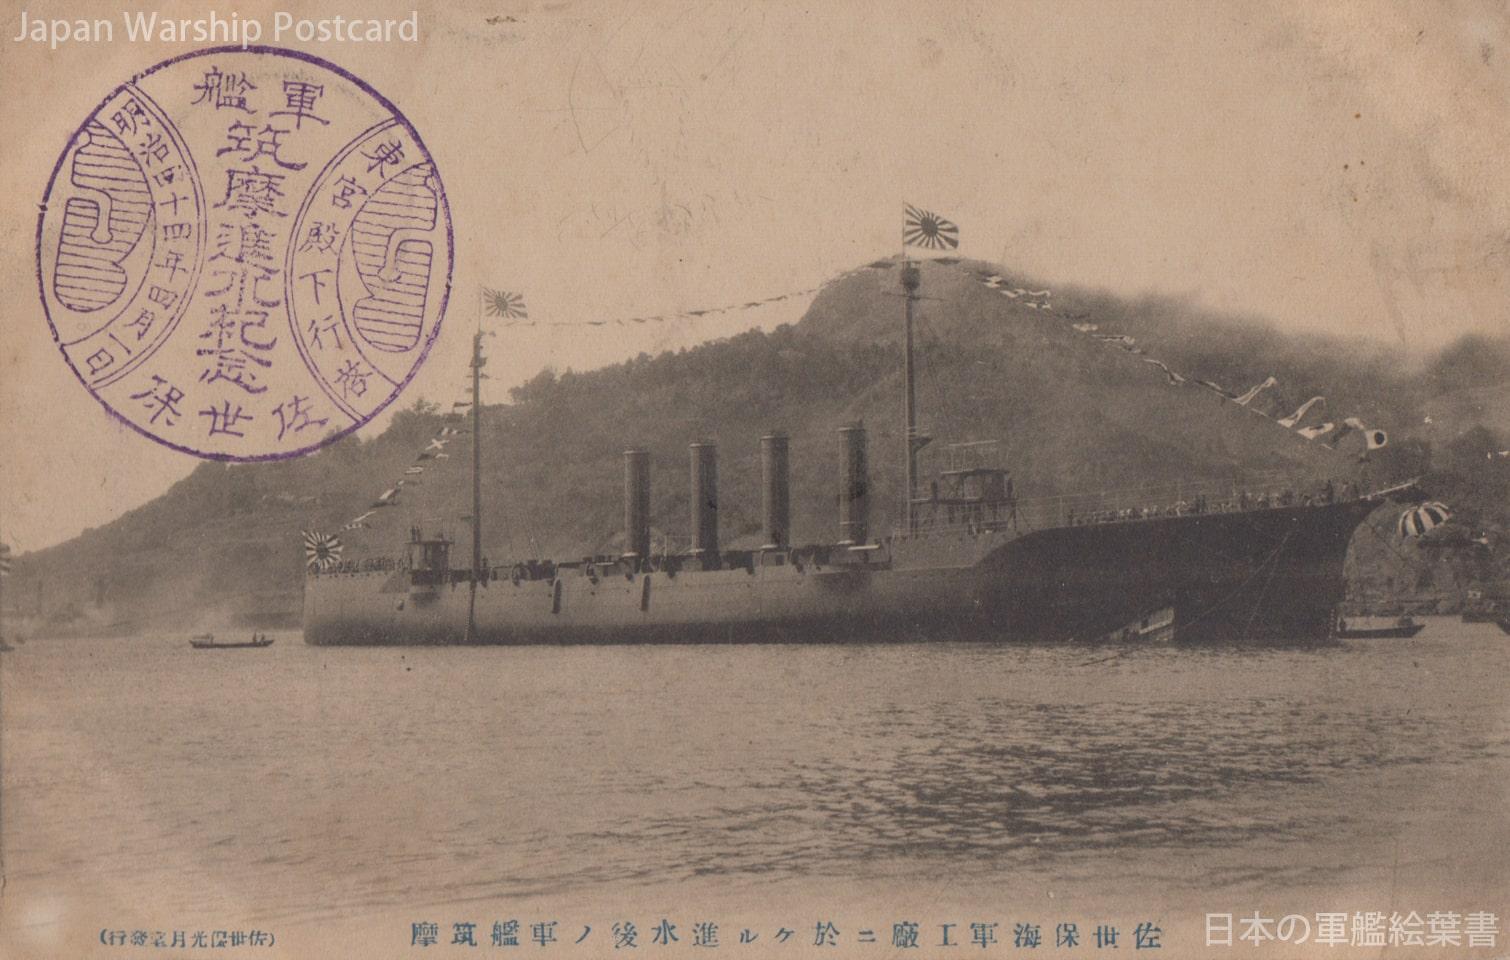 筑摩型防護巡洋艦「筑摩」